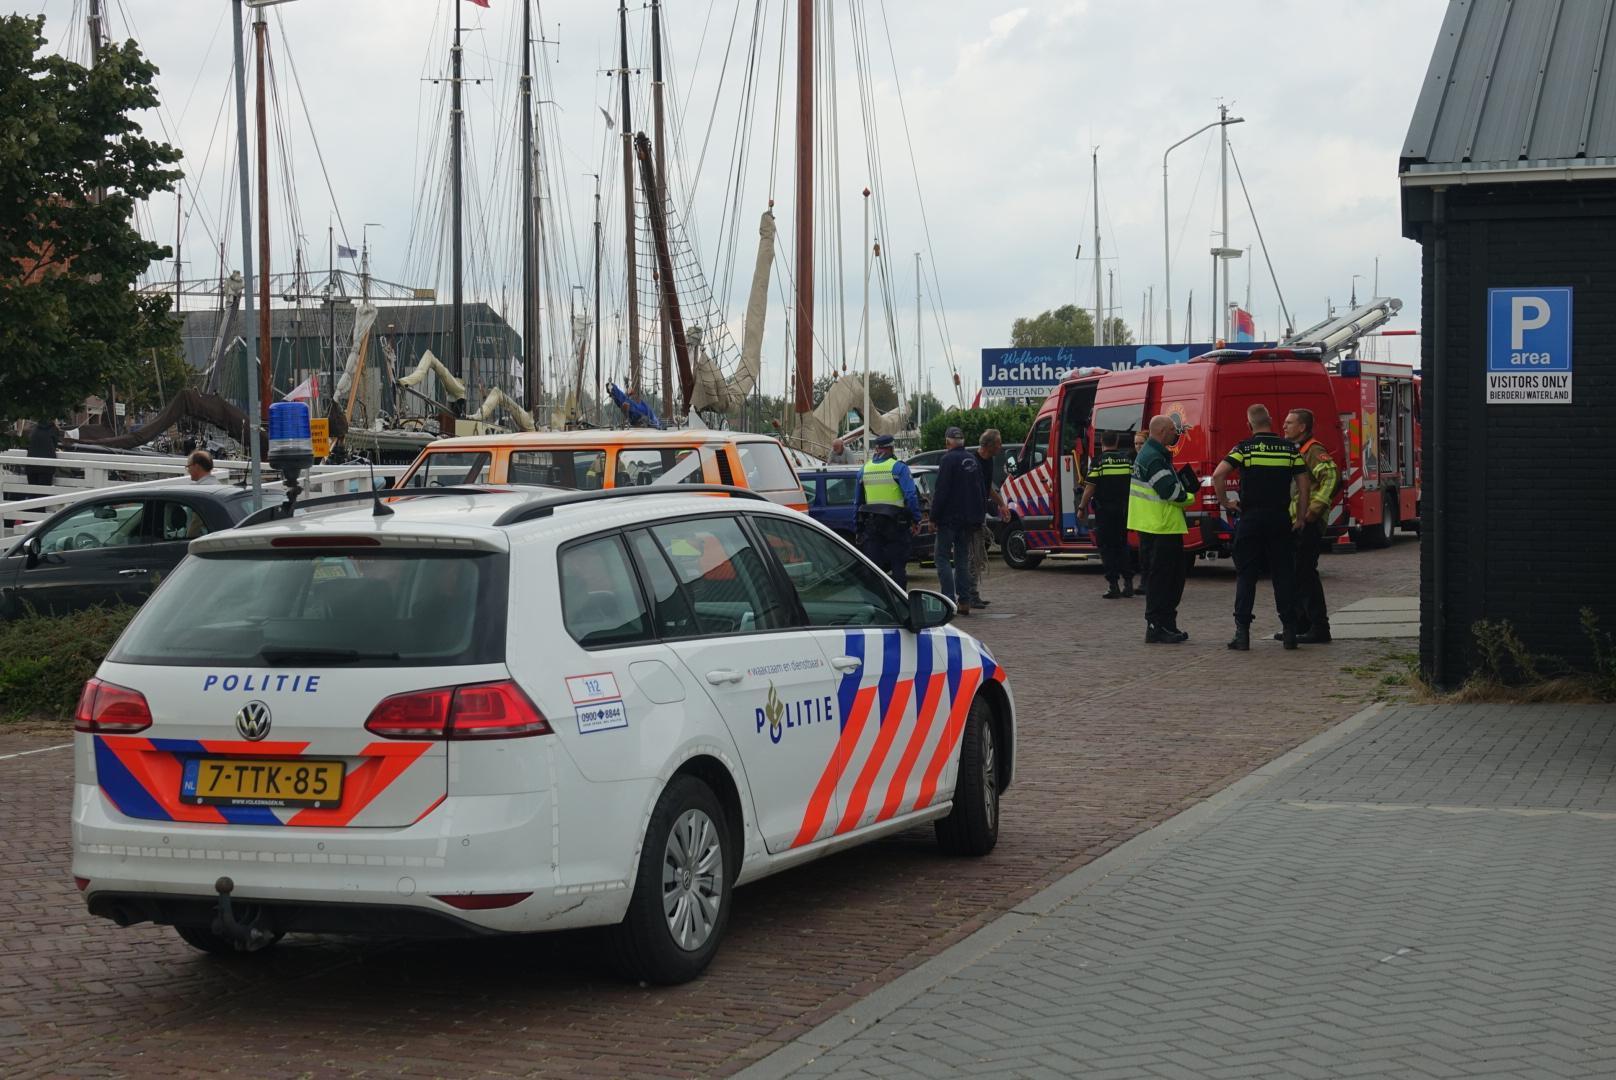 Vrouw die te water raakte in Monnickendam overleden